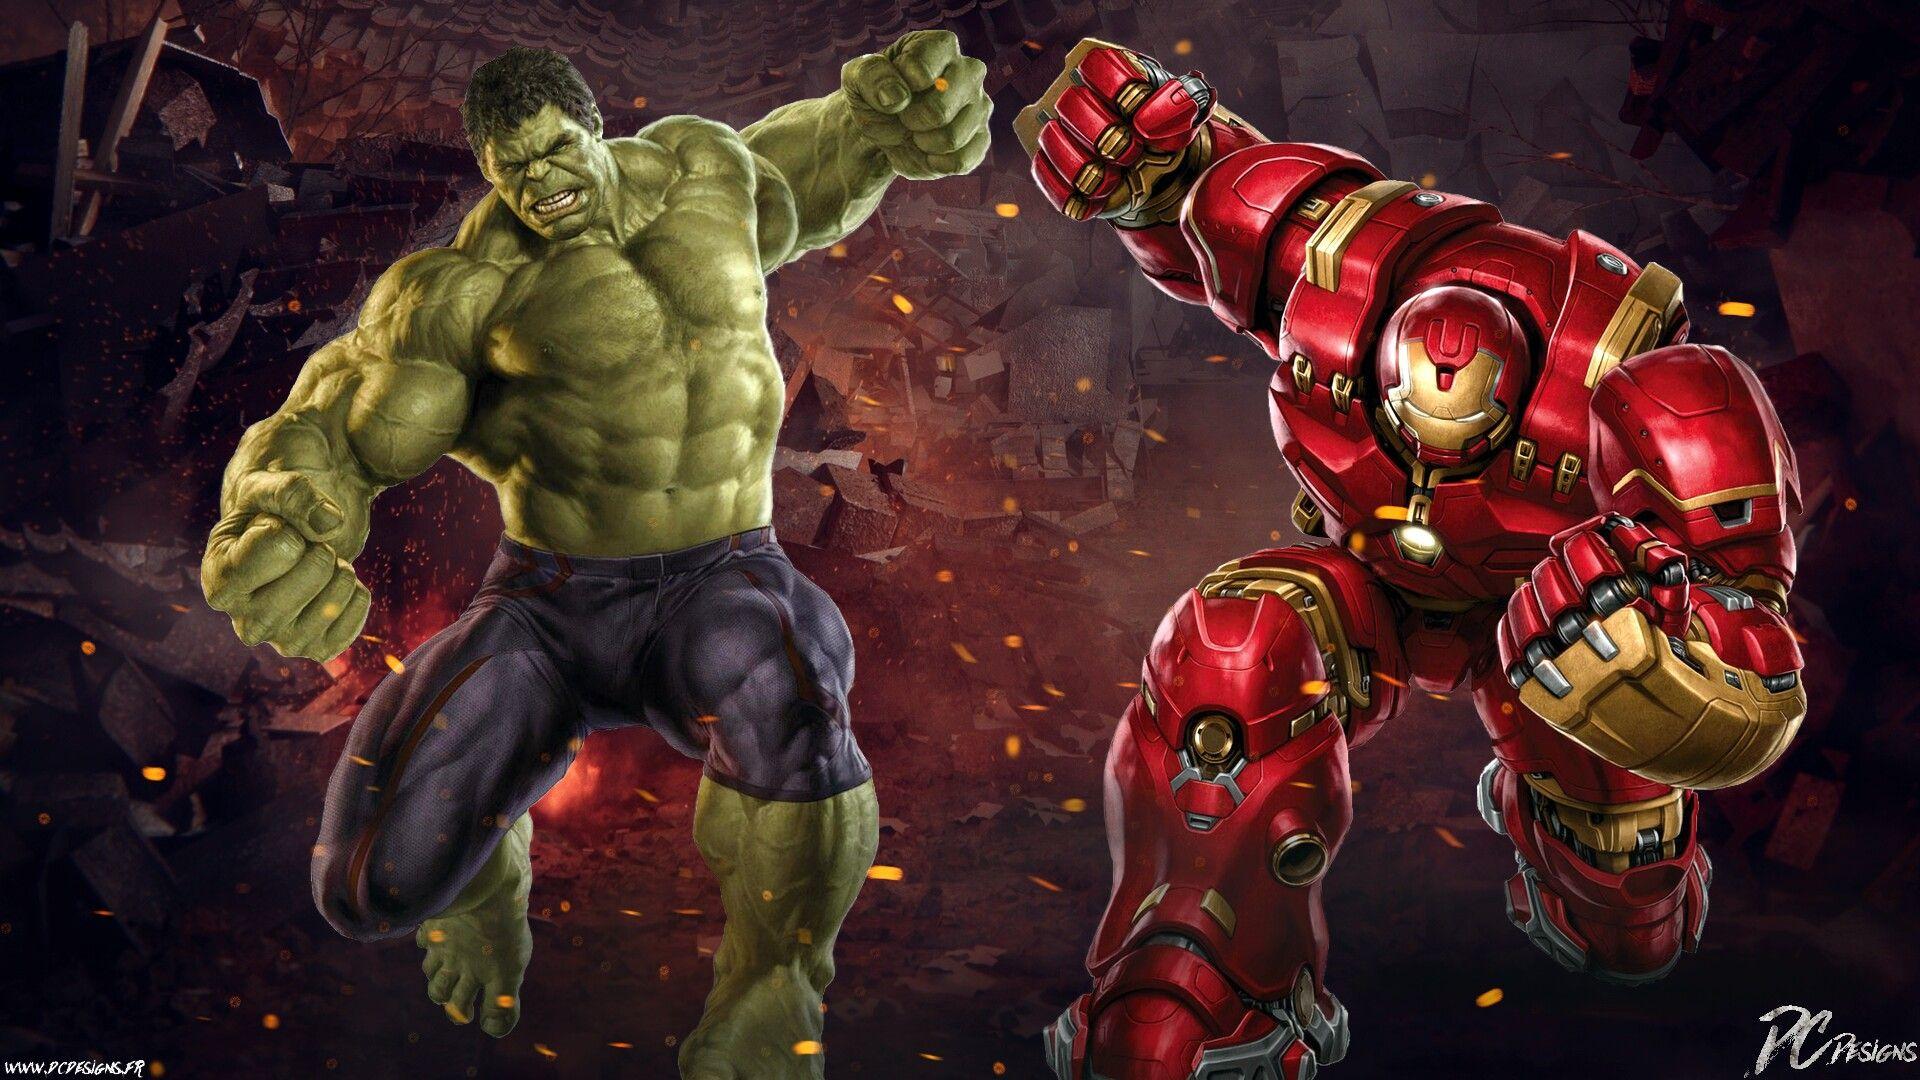 Pin By Chandu On Hulk Hulk Buster Art Hulk Vs Hulkbuster